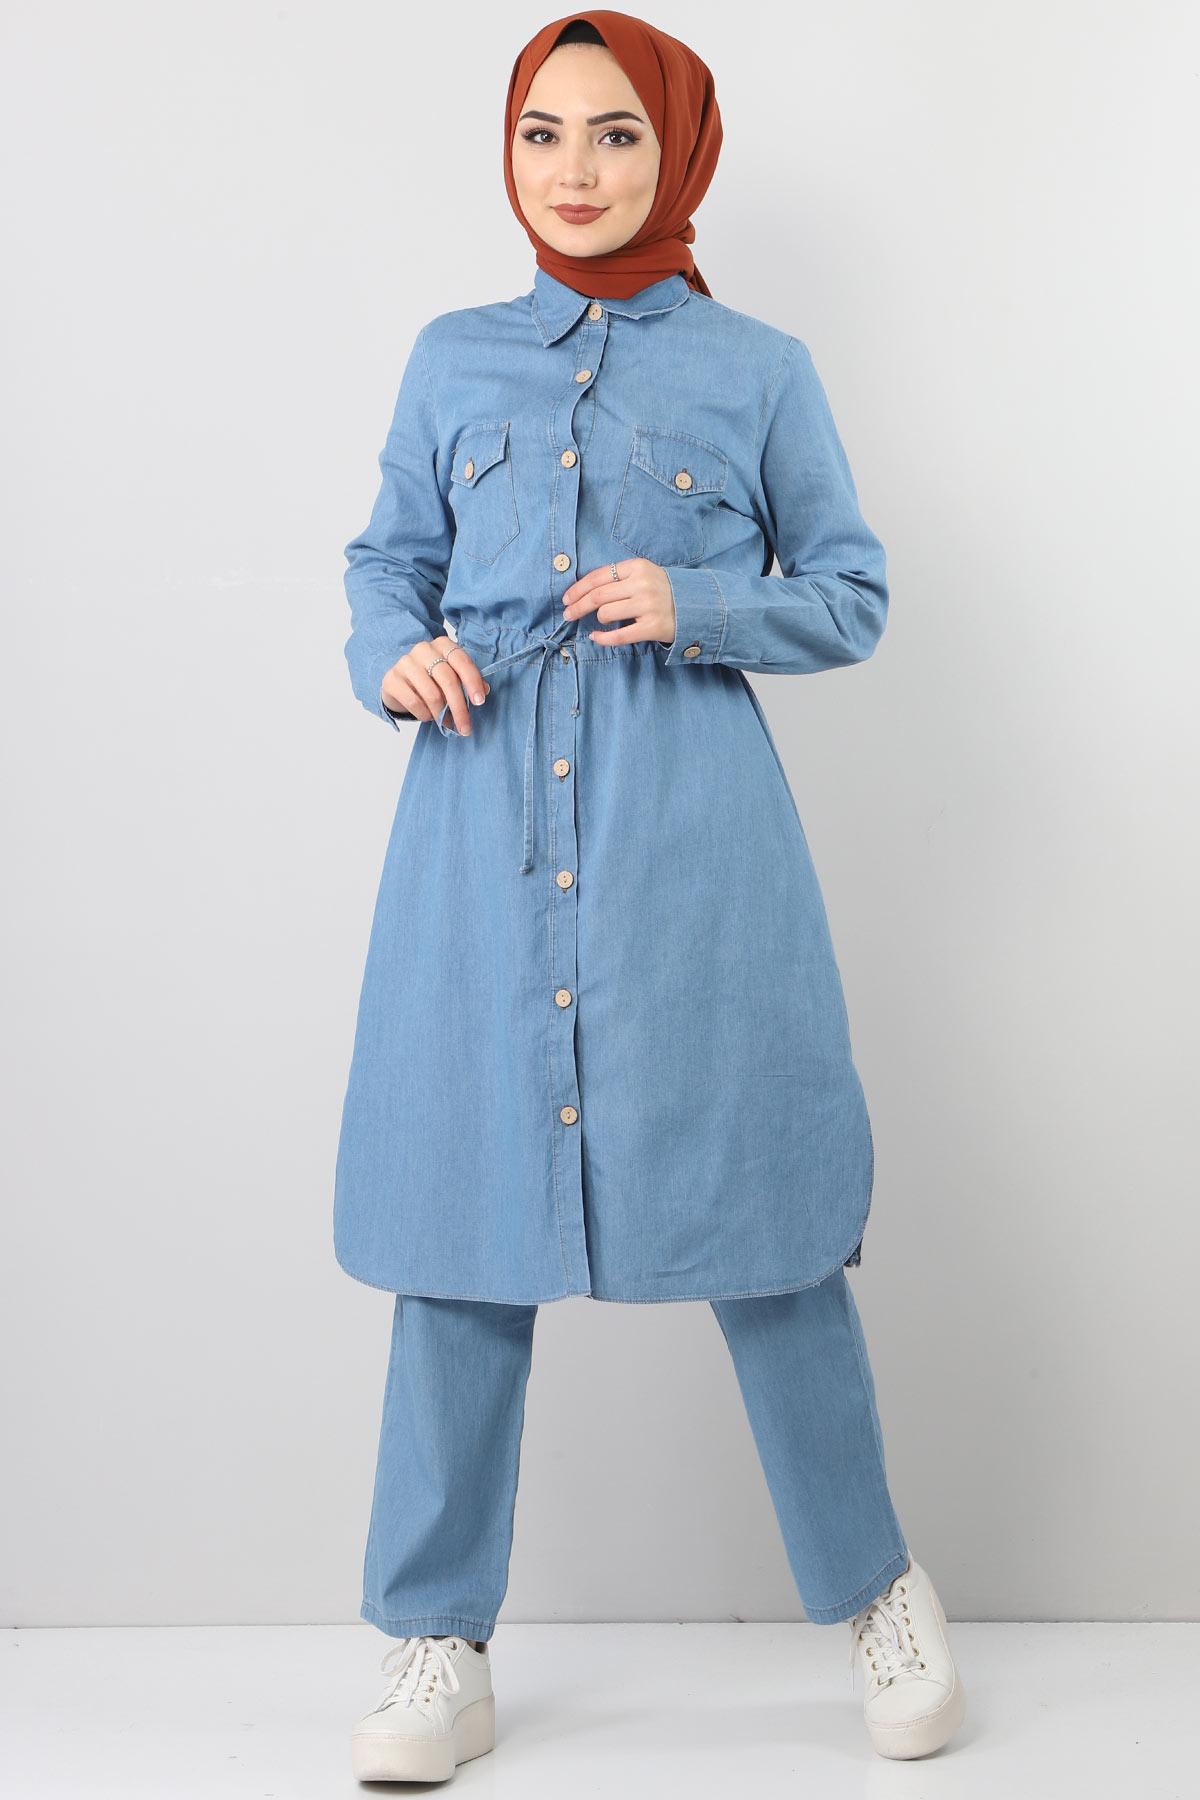 Beli Bağcıklı İkili Kot Takım TSD1625 Açık Mavi